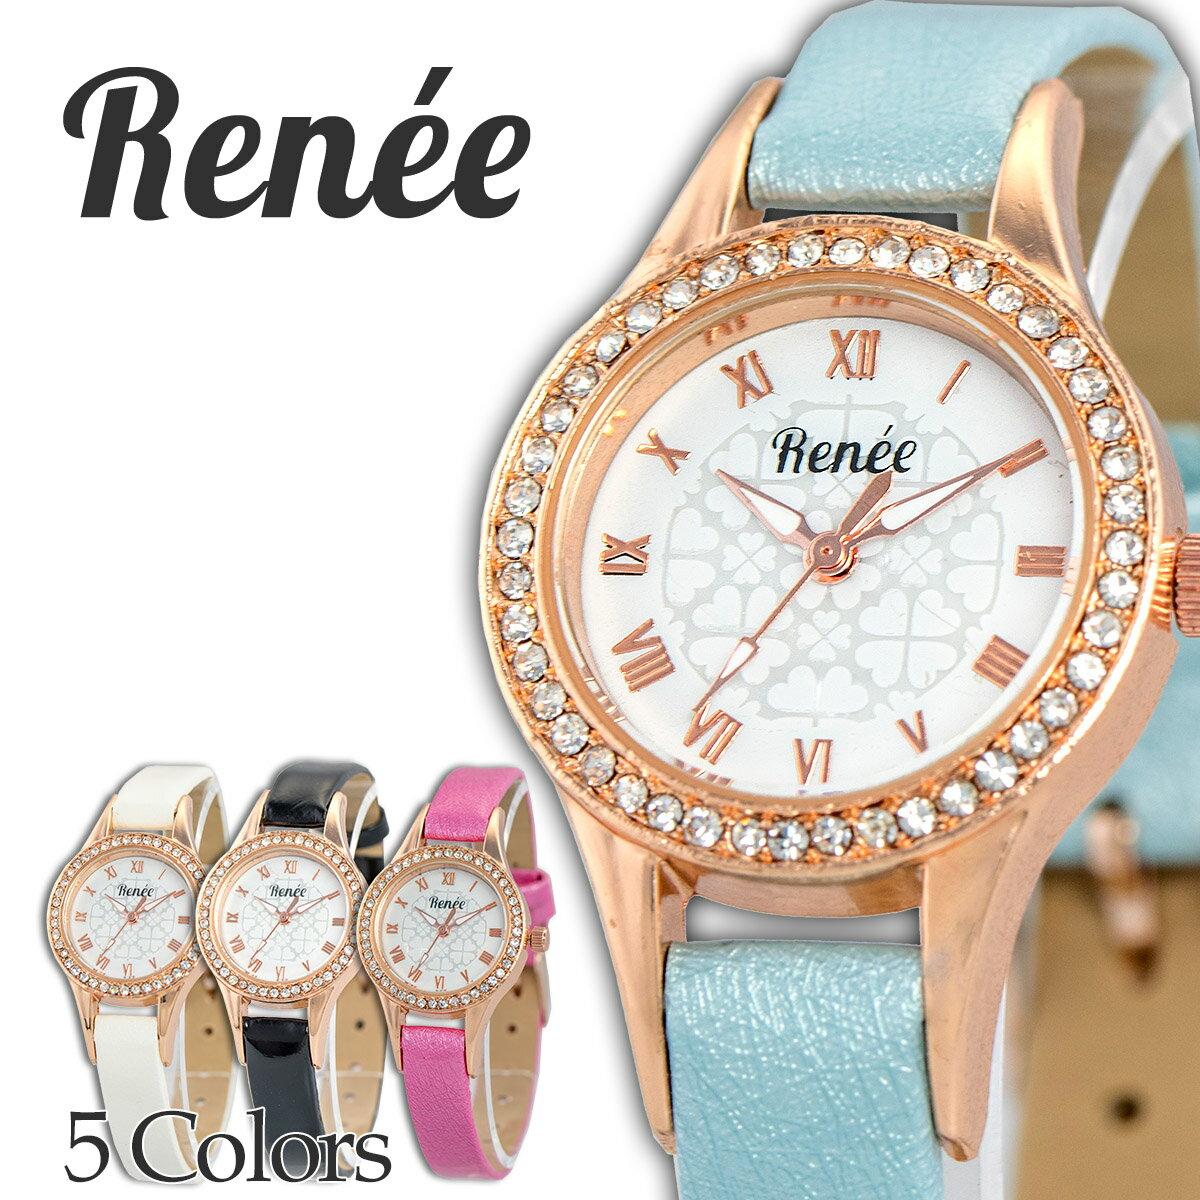 RENEE ルネ R04 腕時計 レディース アナログ クォーツウォッチ おしゃれ シンプル レザー 人気 カジュアル プチプラ